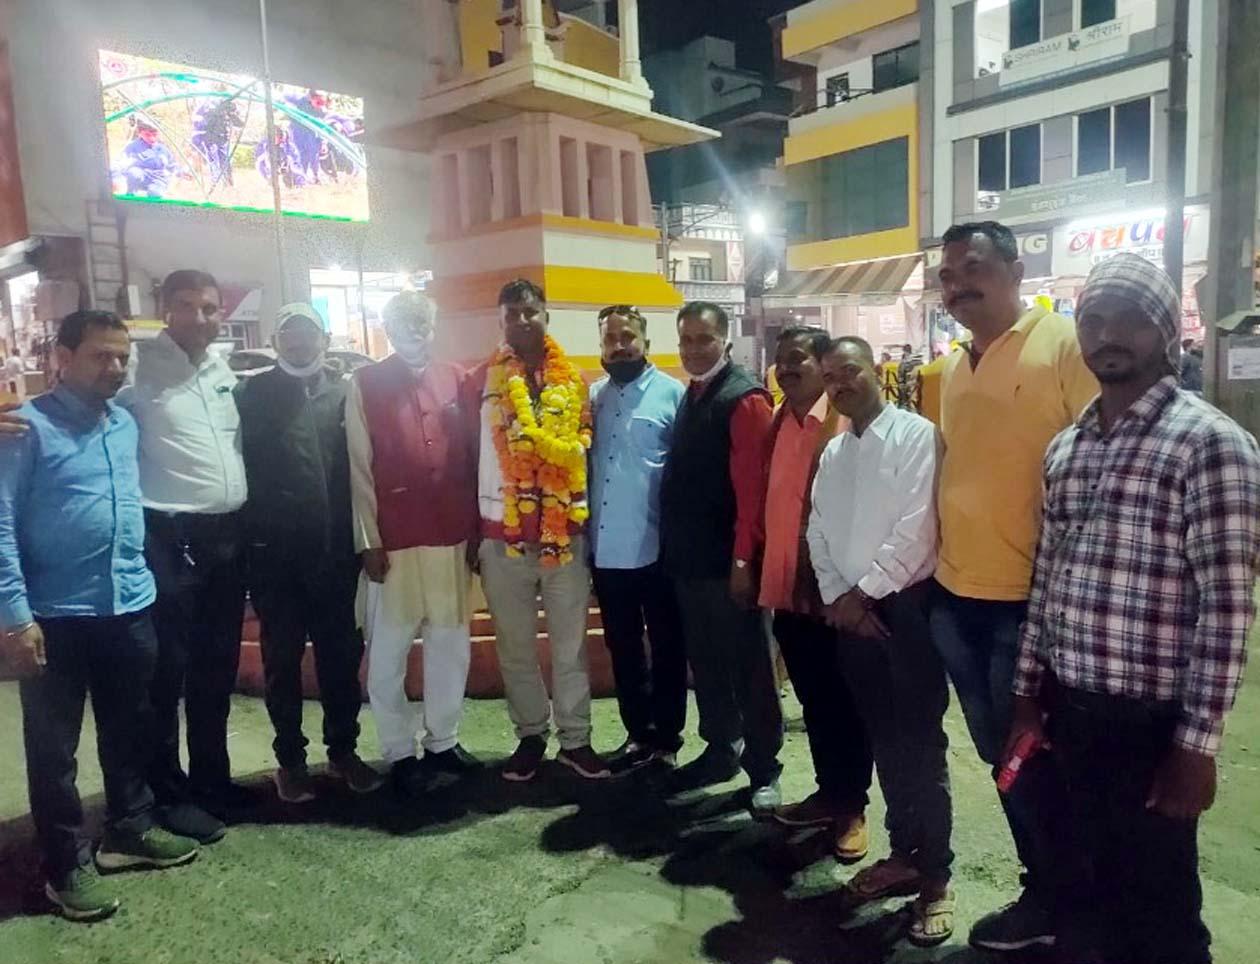 भाजपा मंडल के नवीन अध्यक्ष अंकुर पाठक का राजवाड़ा पर किया गया जोरदार स्वागत